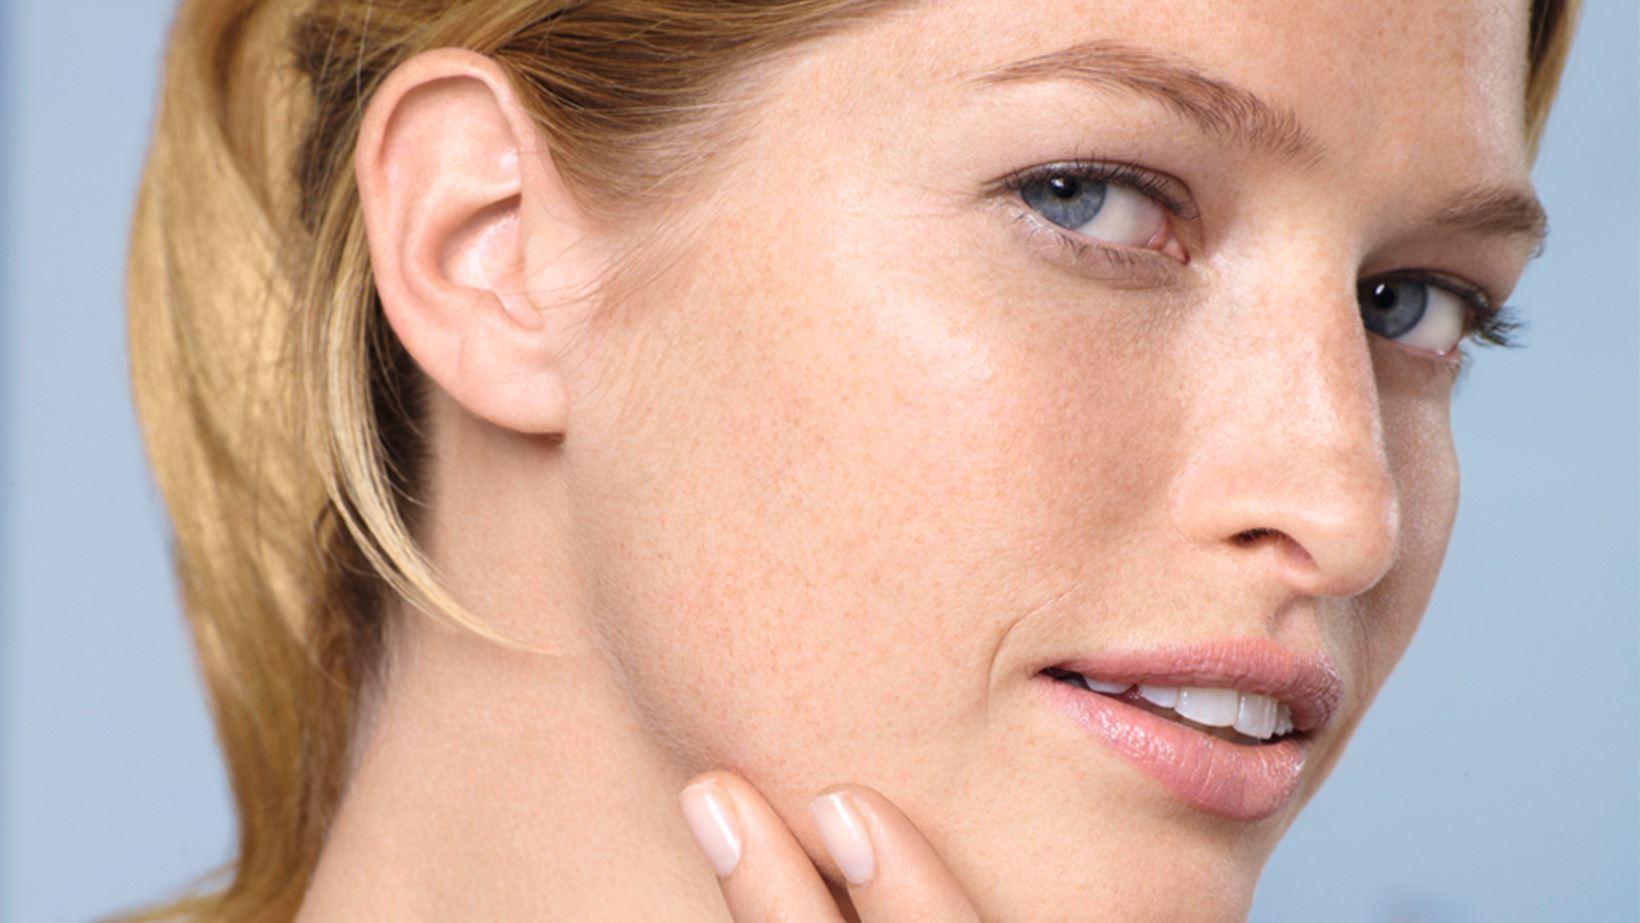 Da mặt khô phải làm sao? Cách xác định nguyên nhân và điều trị | ELLE